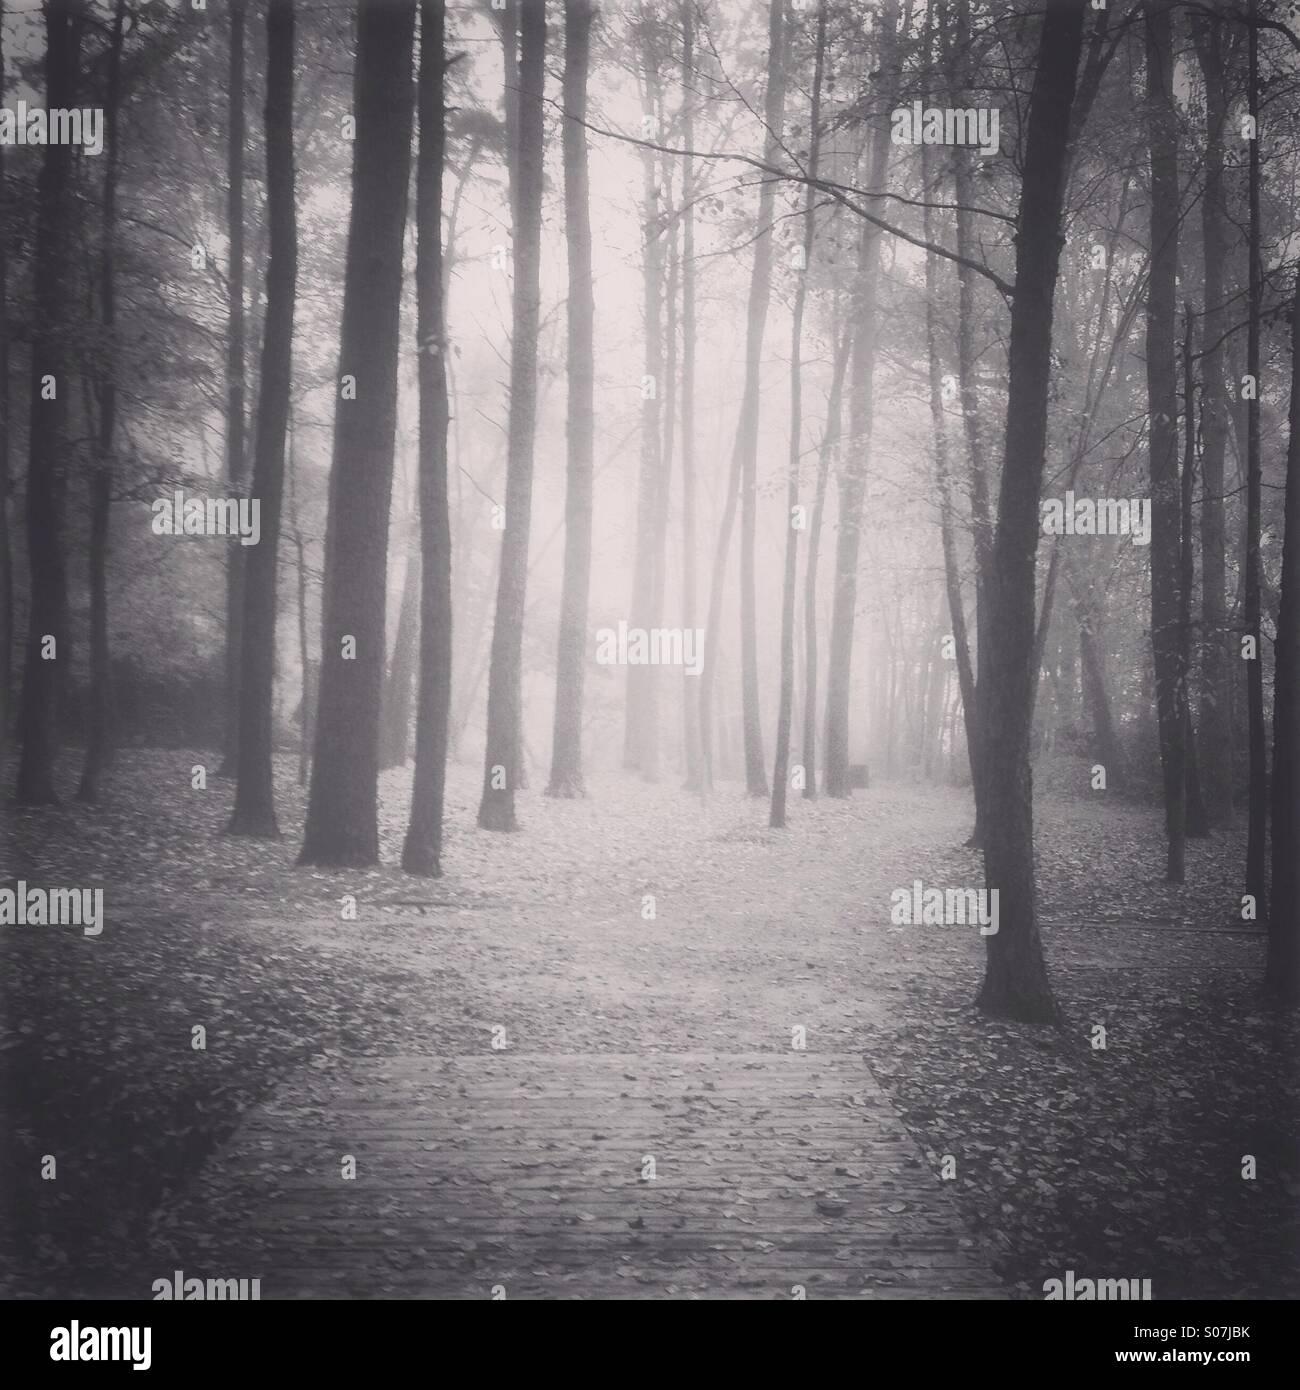 Foto in bianco e nero di una nebbia sentiero forestale Immagini Stock